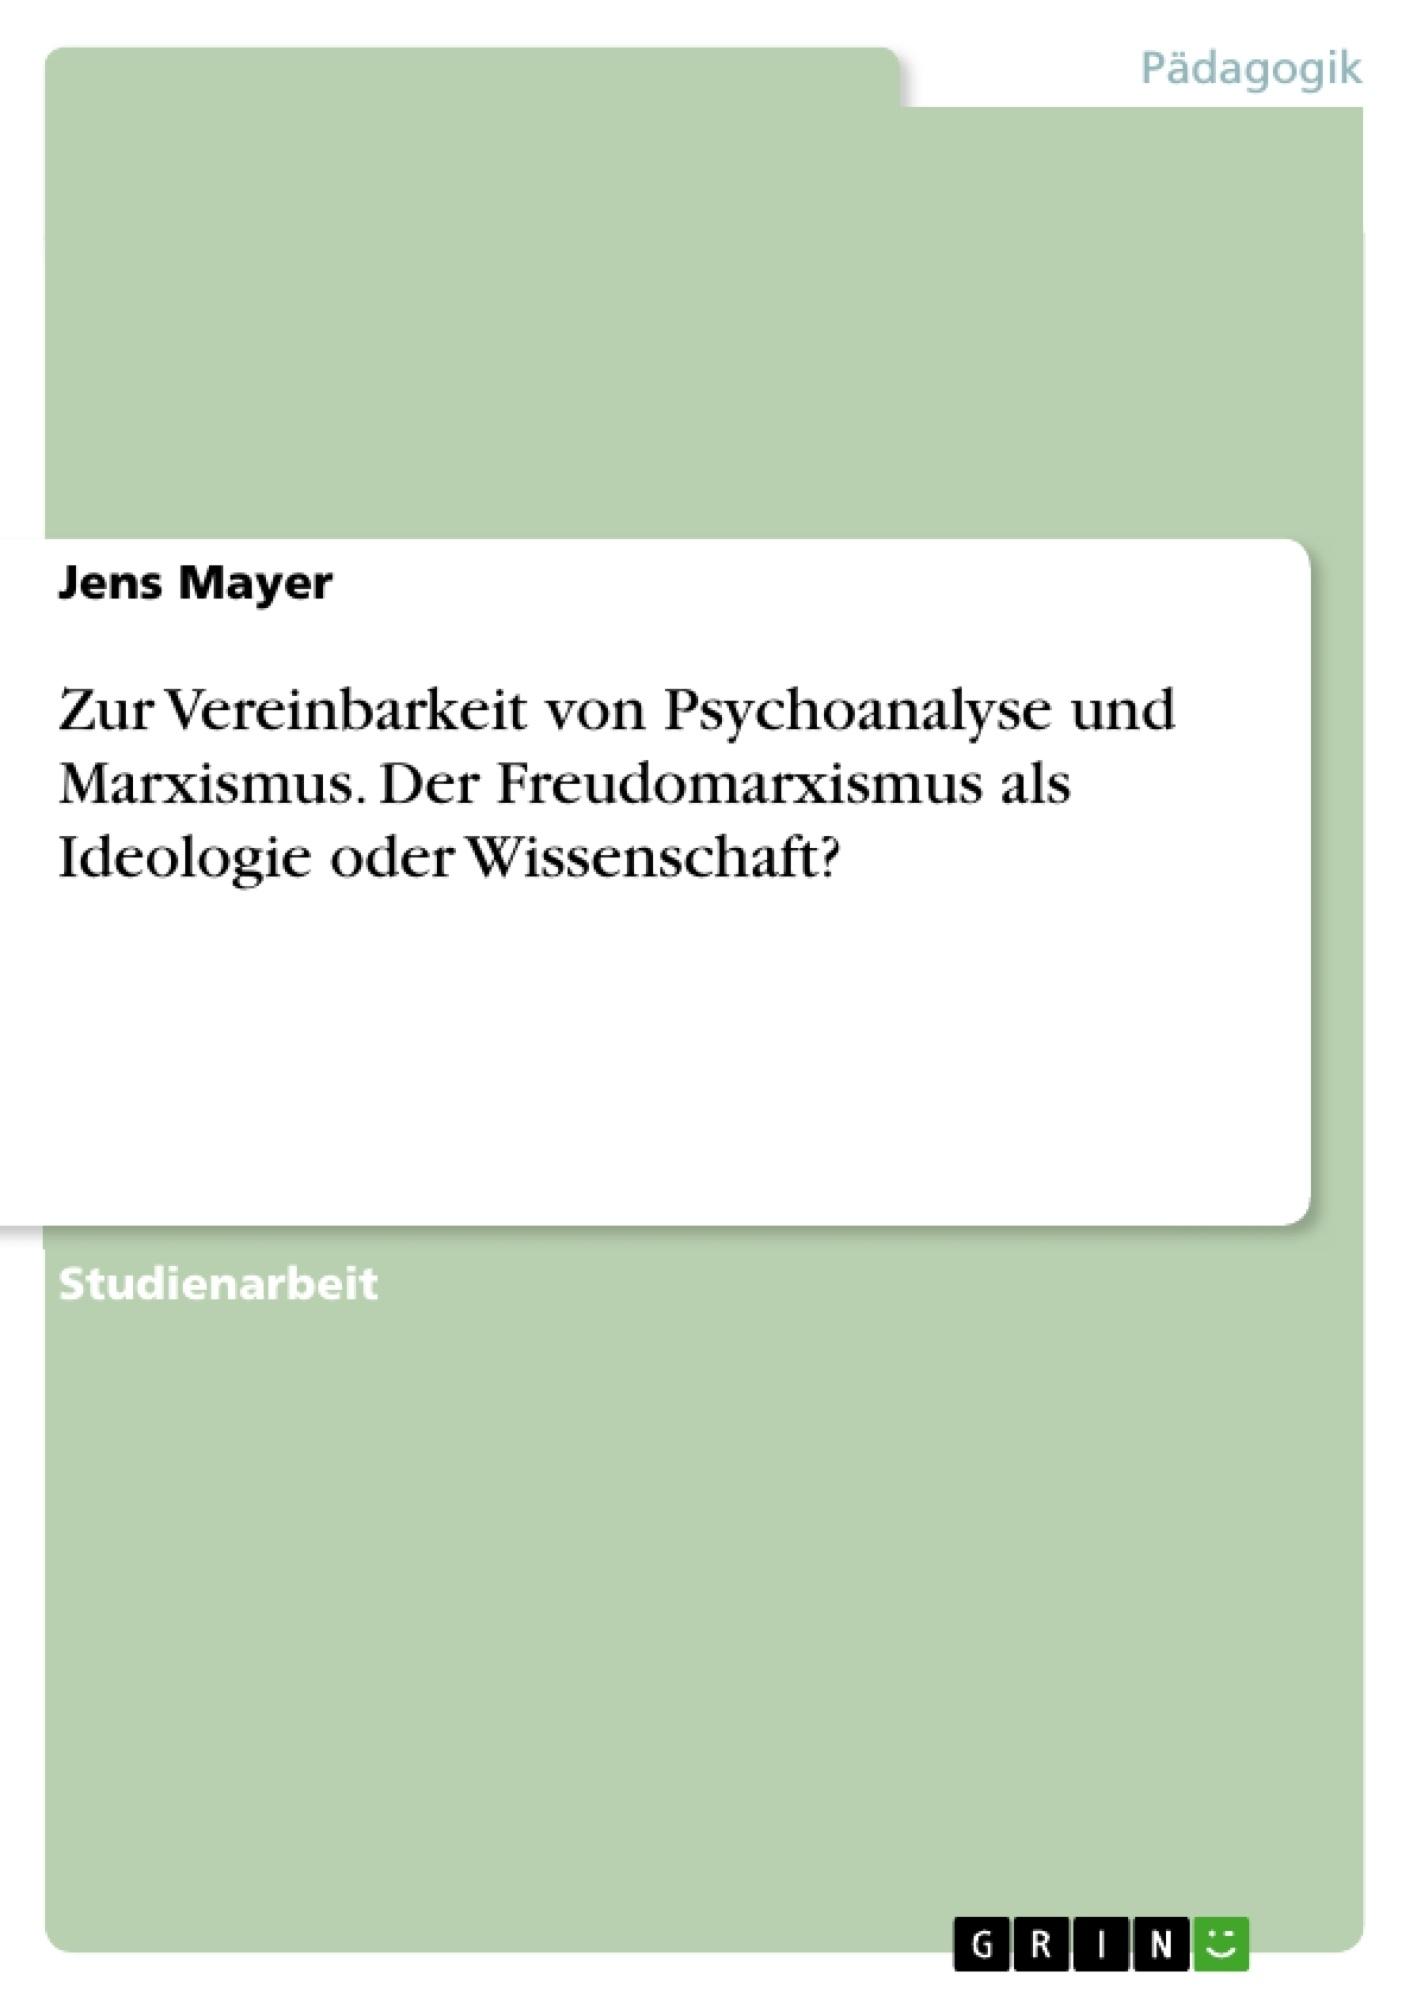 Titel: Zur Vereinbarkeit von Psychoanalyse und Marxismus. Der Freudomarxismus als Ideologie oder Wissenschaft?